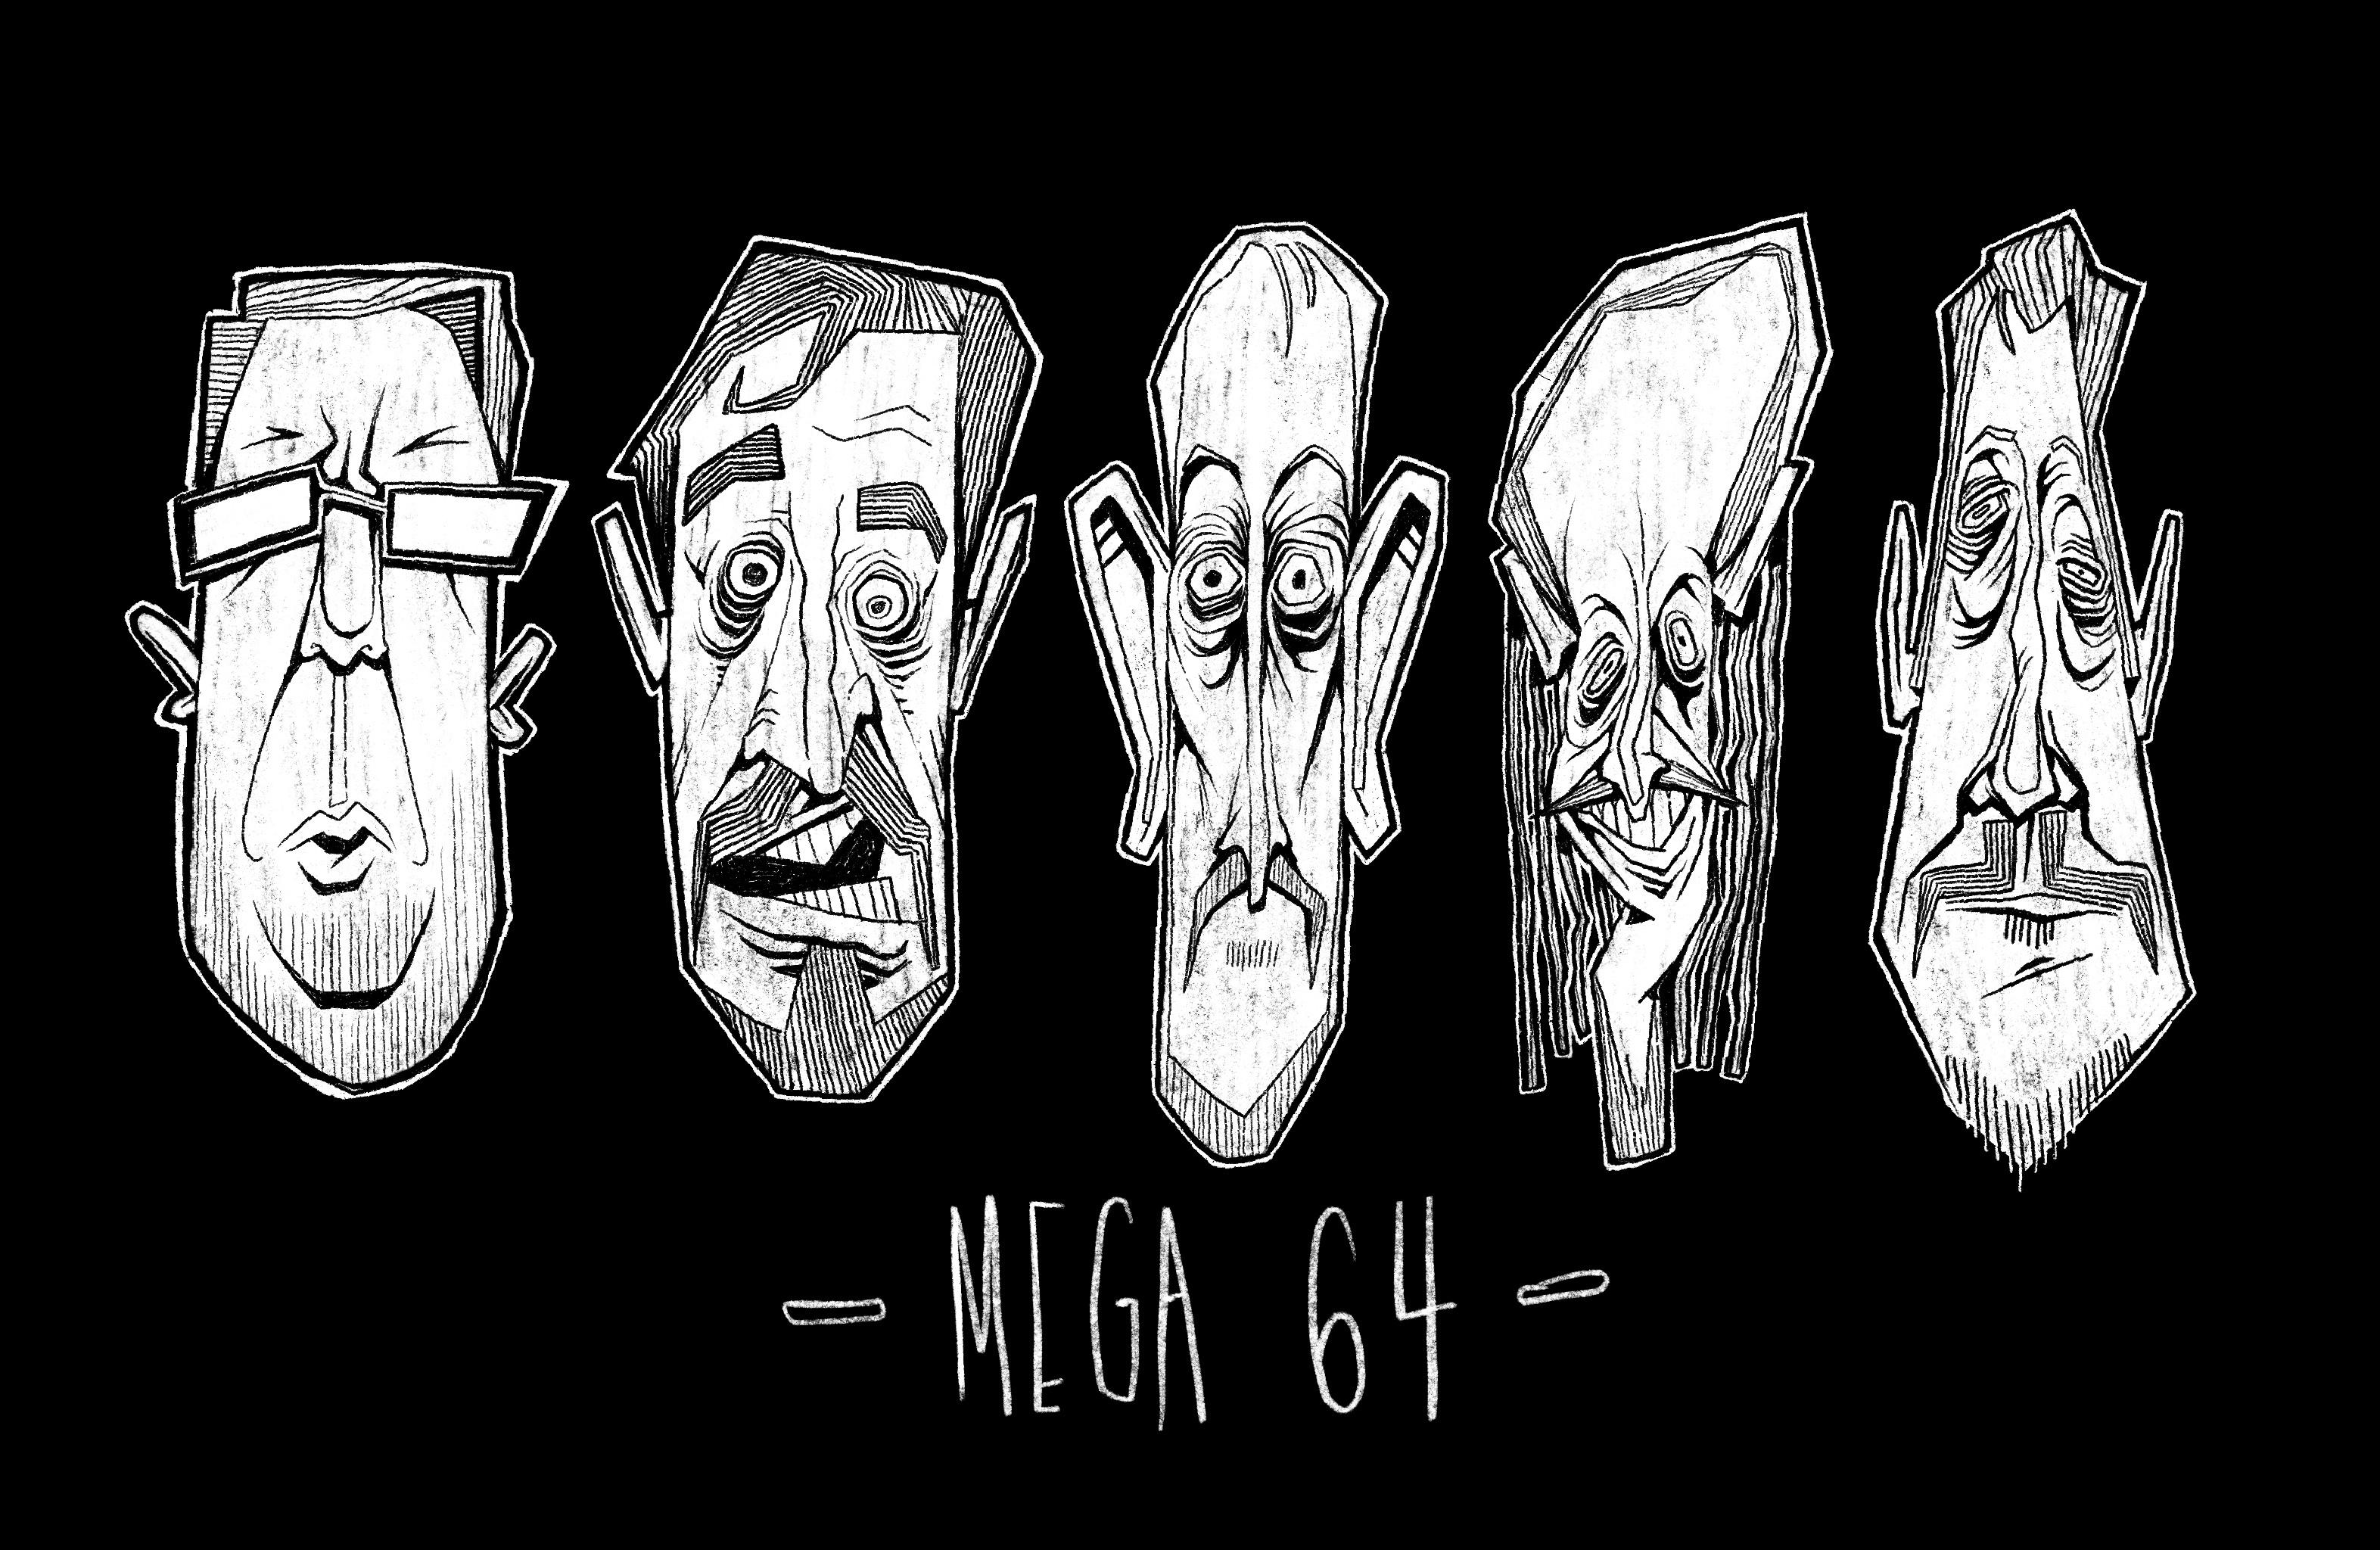 Mega 64